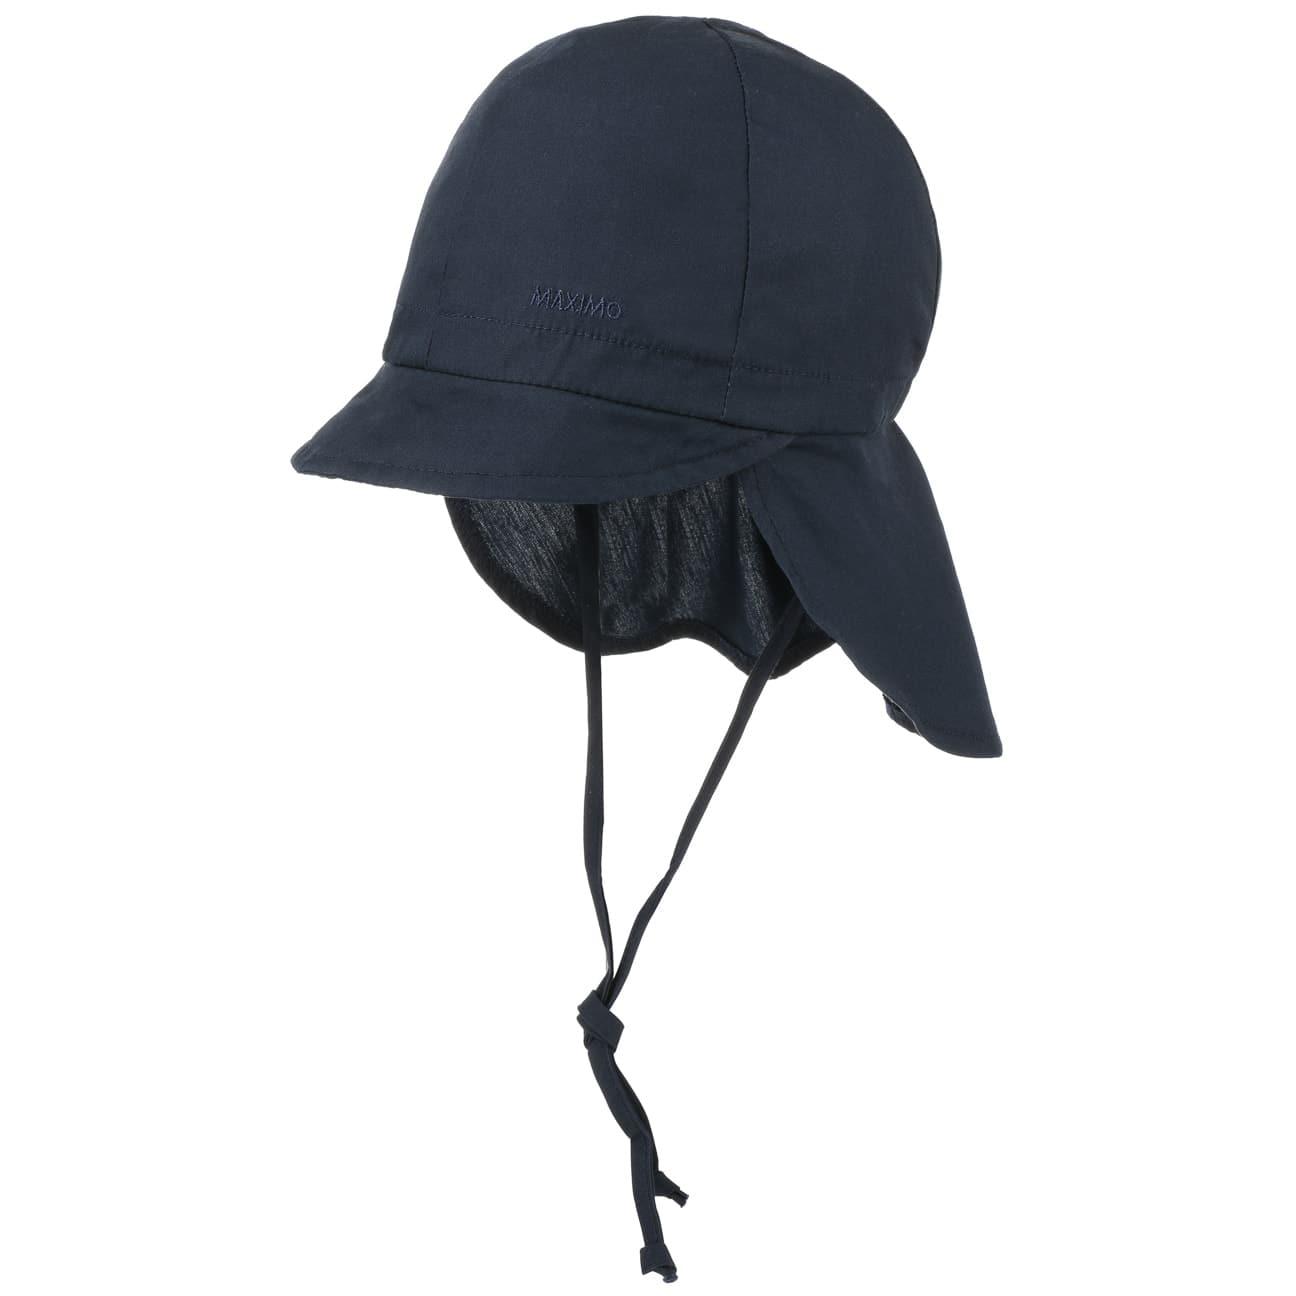 Gorra de Ni?o con Cubrenuca Uni by maximo  gorra protector UV